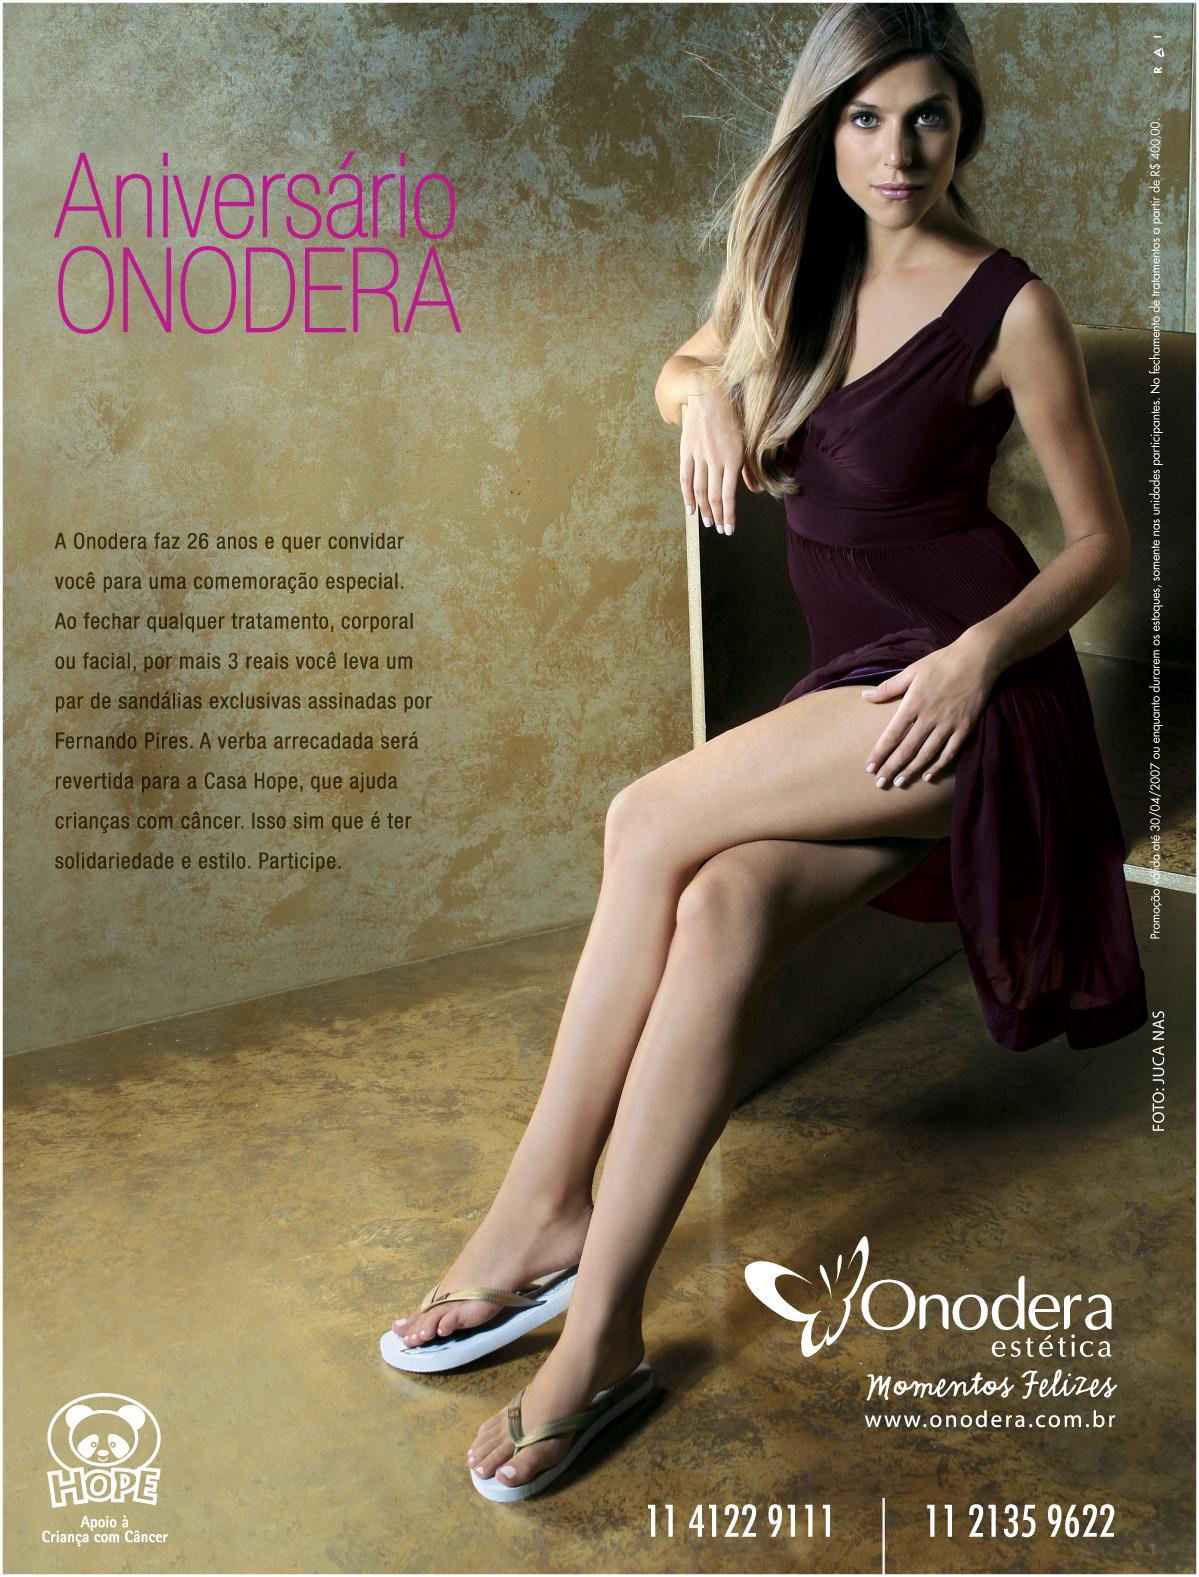 ONODERA